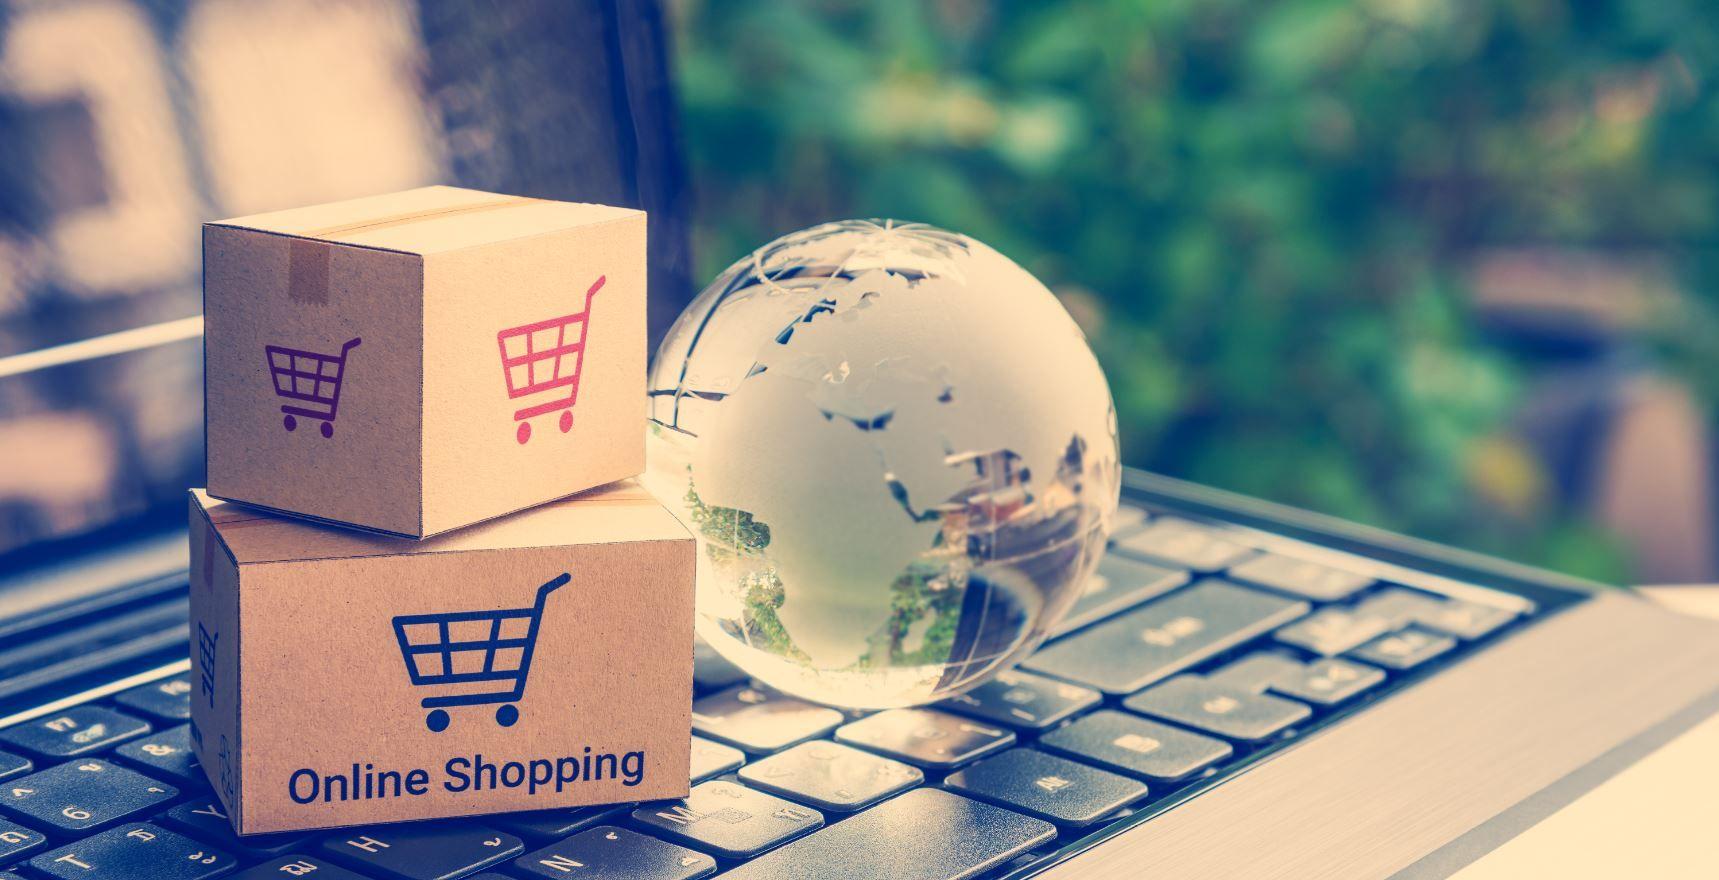 Zamów kuriera z e-commerce za pośrednictwem smartfona